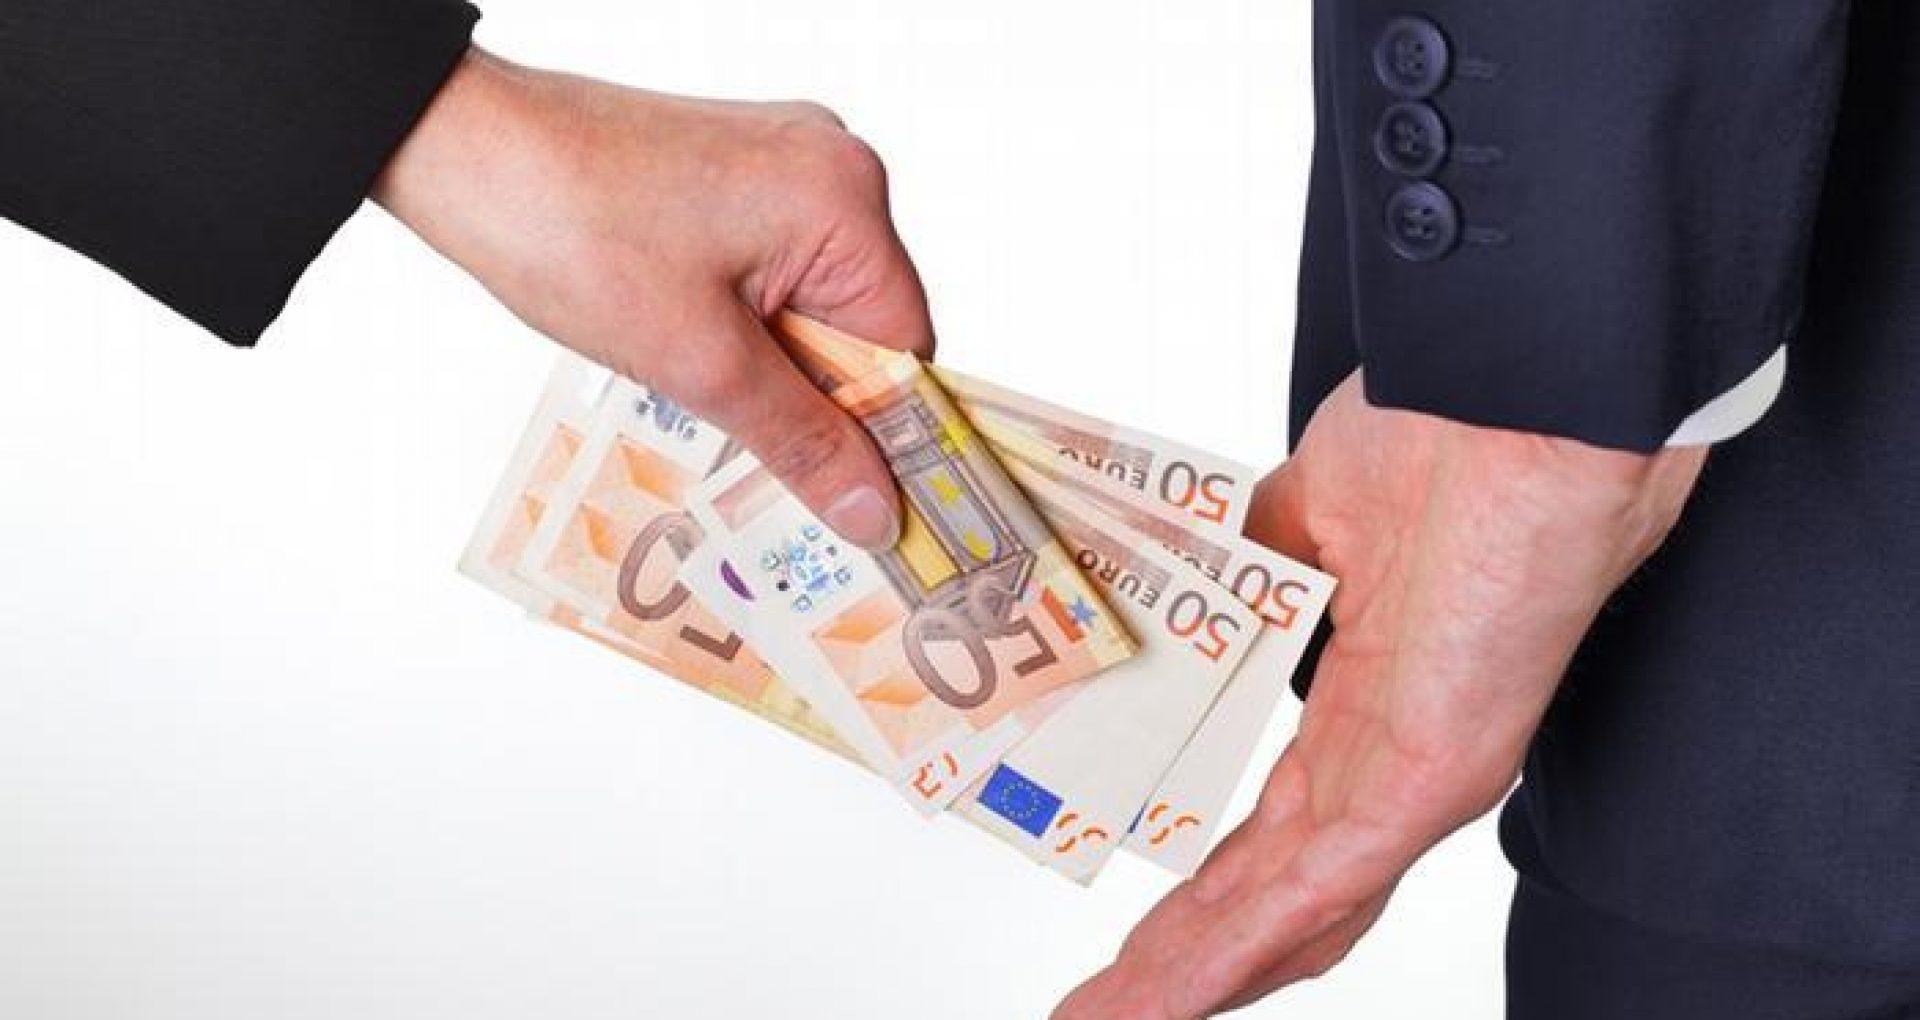 STUDIU CNA/ 92 la sută dintre inculpații care au comis infracțiuni de corupție sunt bărbați: implicarea în acte de corupţie ar fi cauzată de înregistrarea unor salarii mici